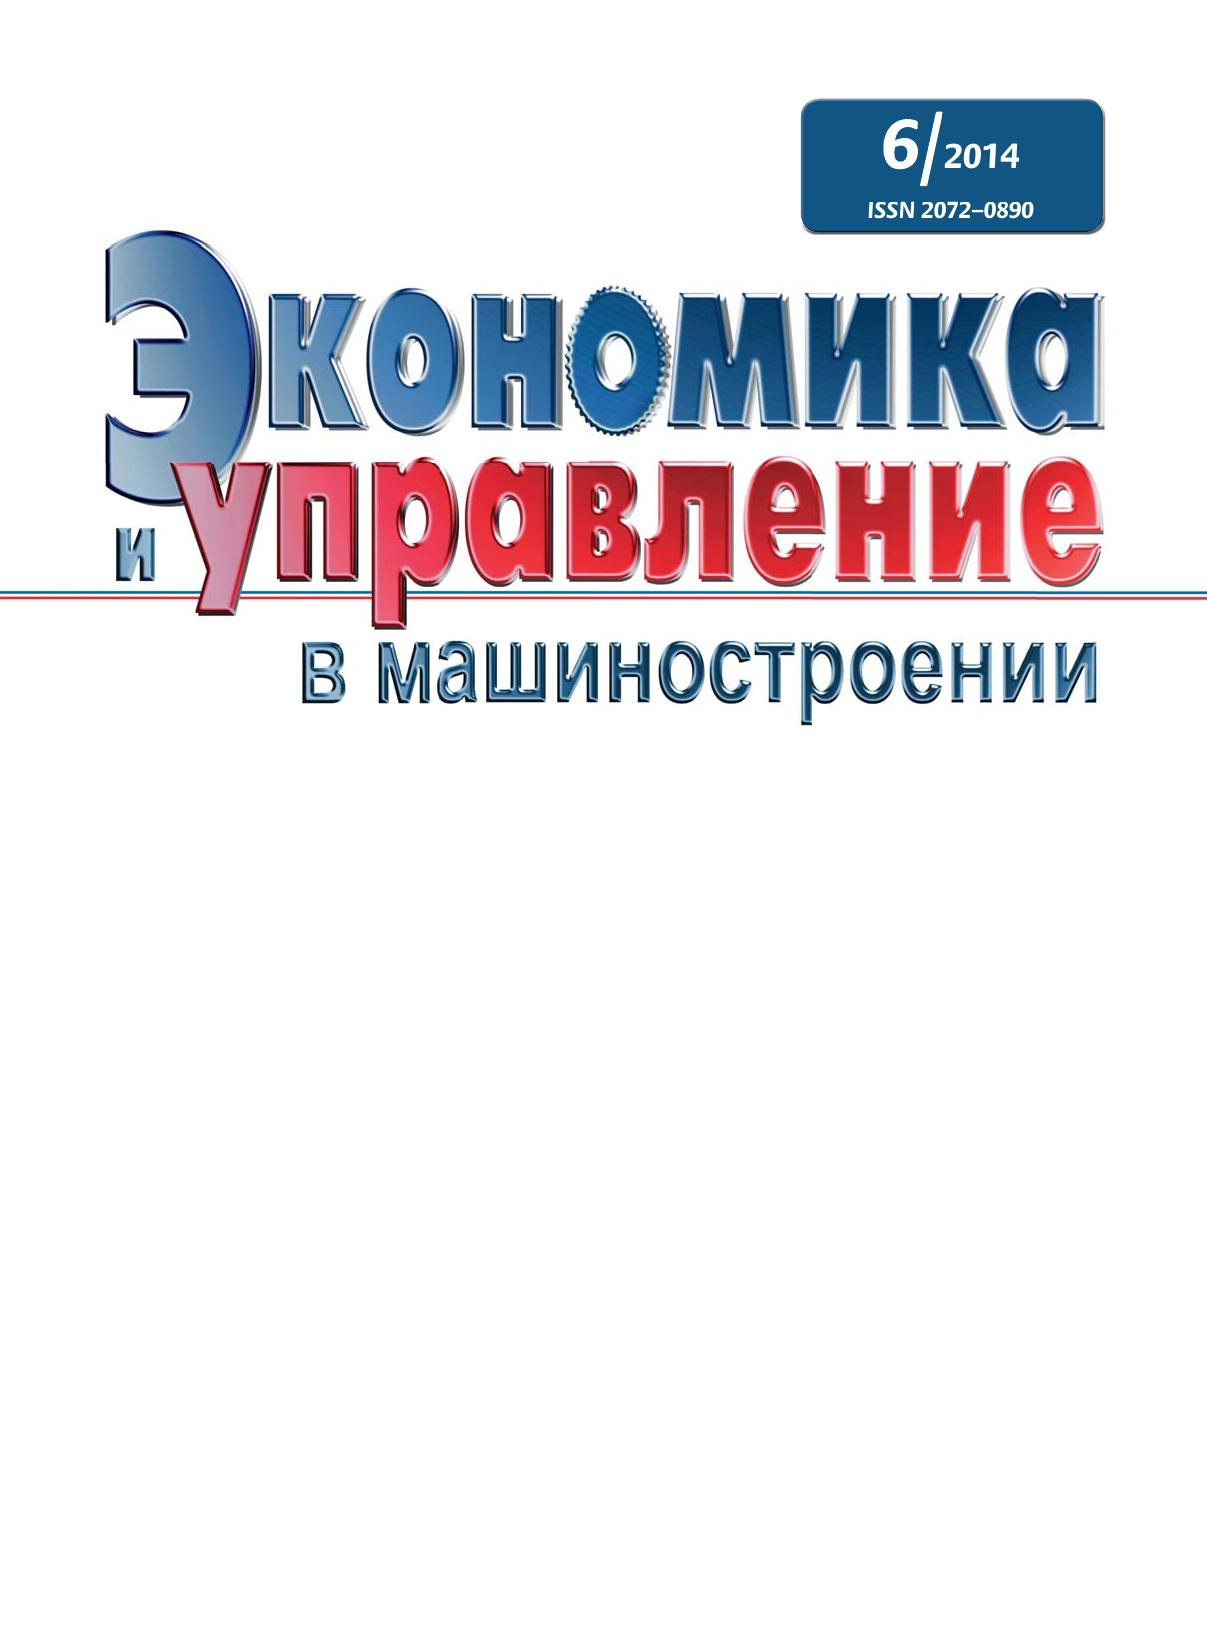 сборник Экономика и управление в машиностроении .6. Декабрь 2014 знание сила фантастика 2 сентябрь декабрь 2014